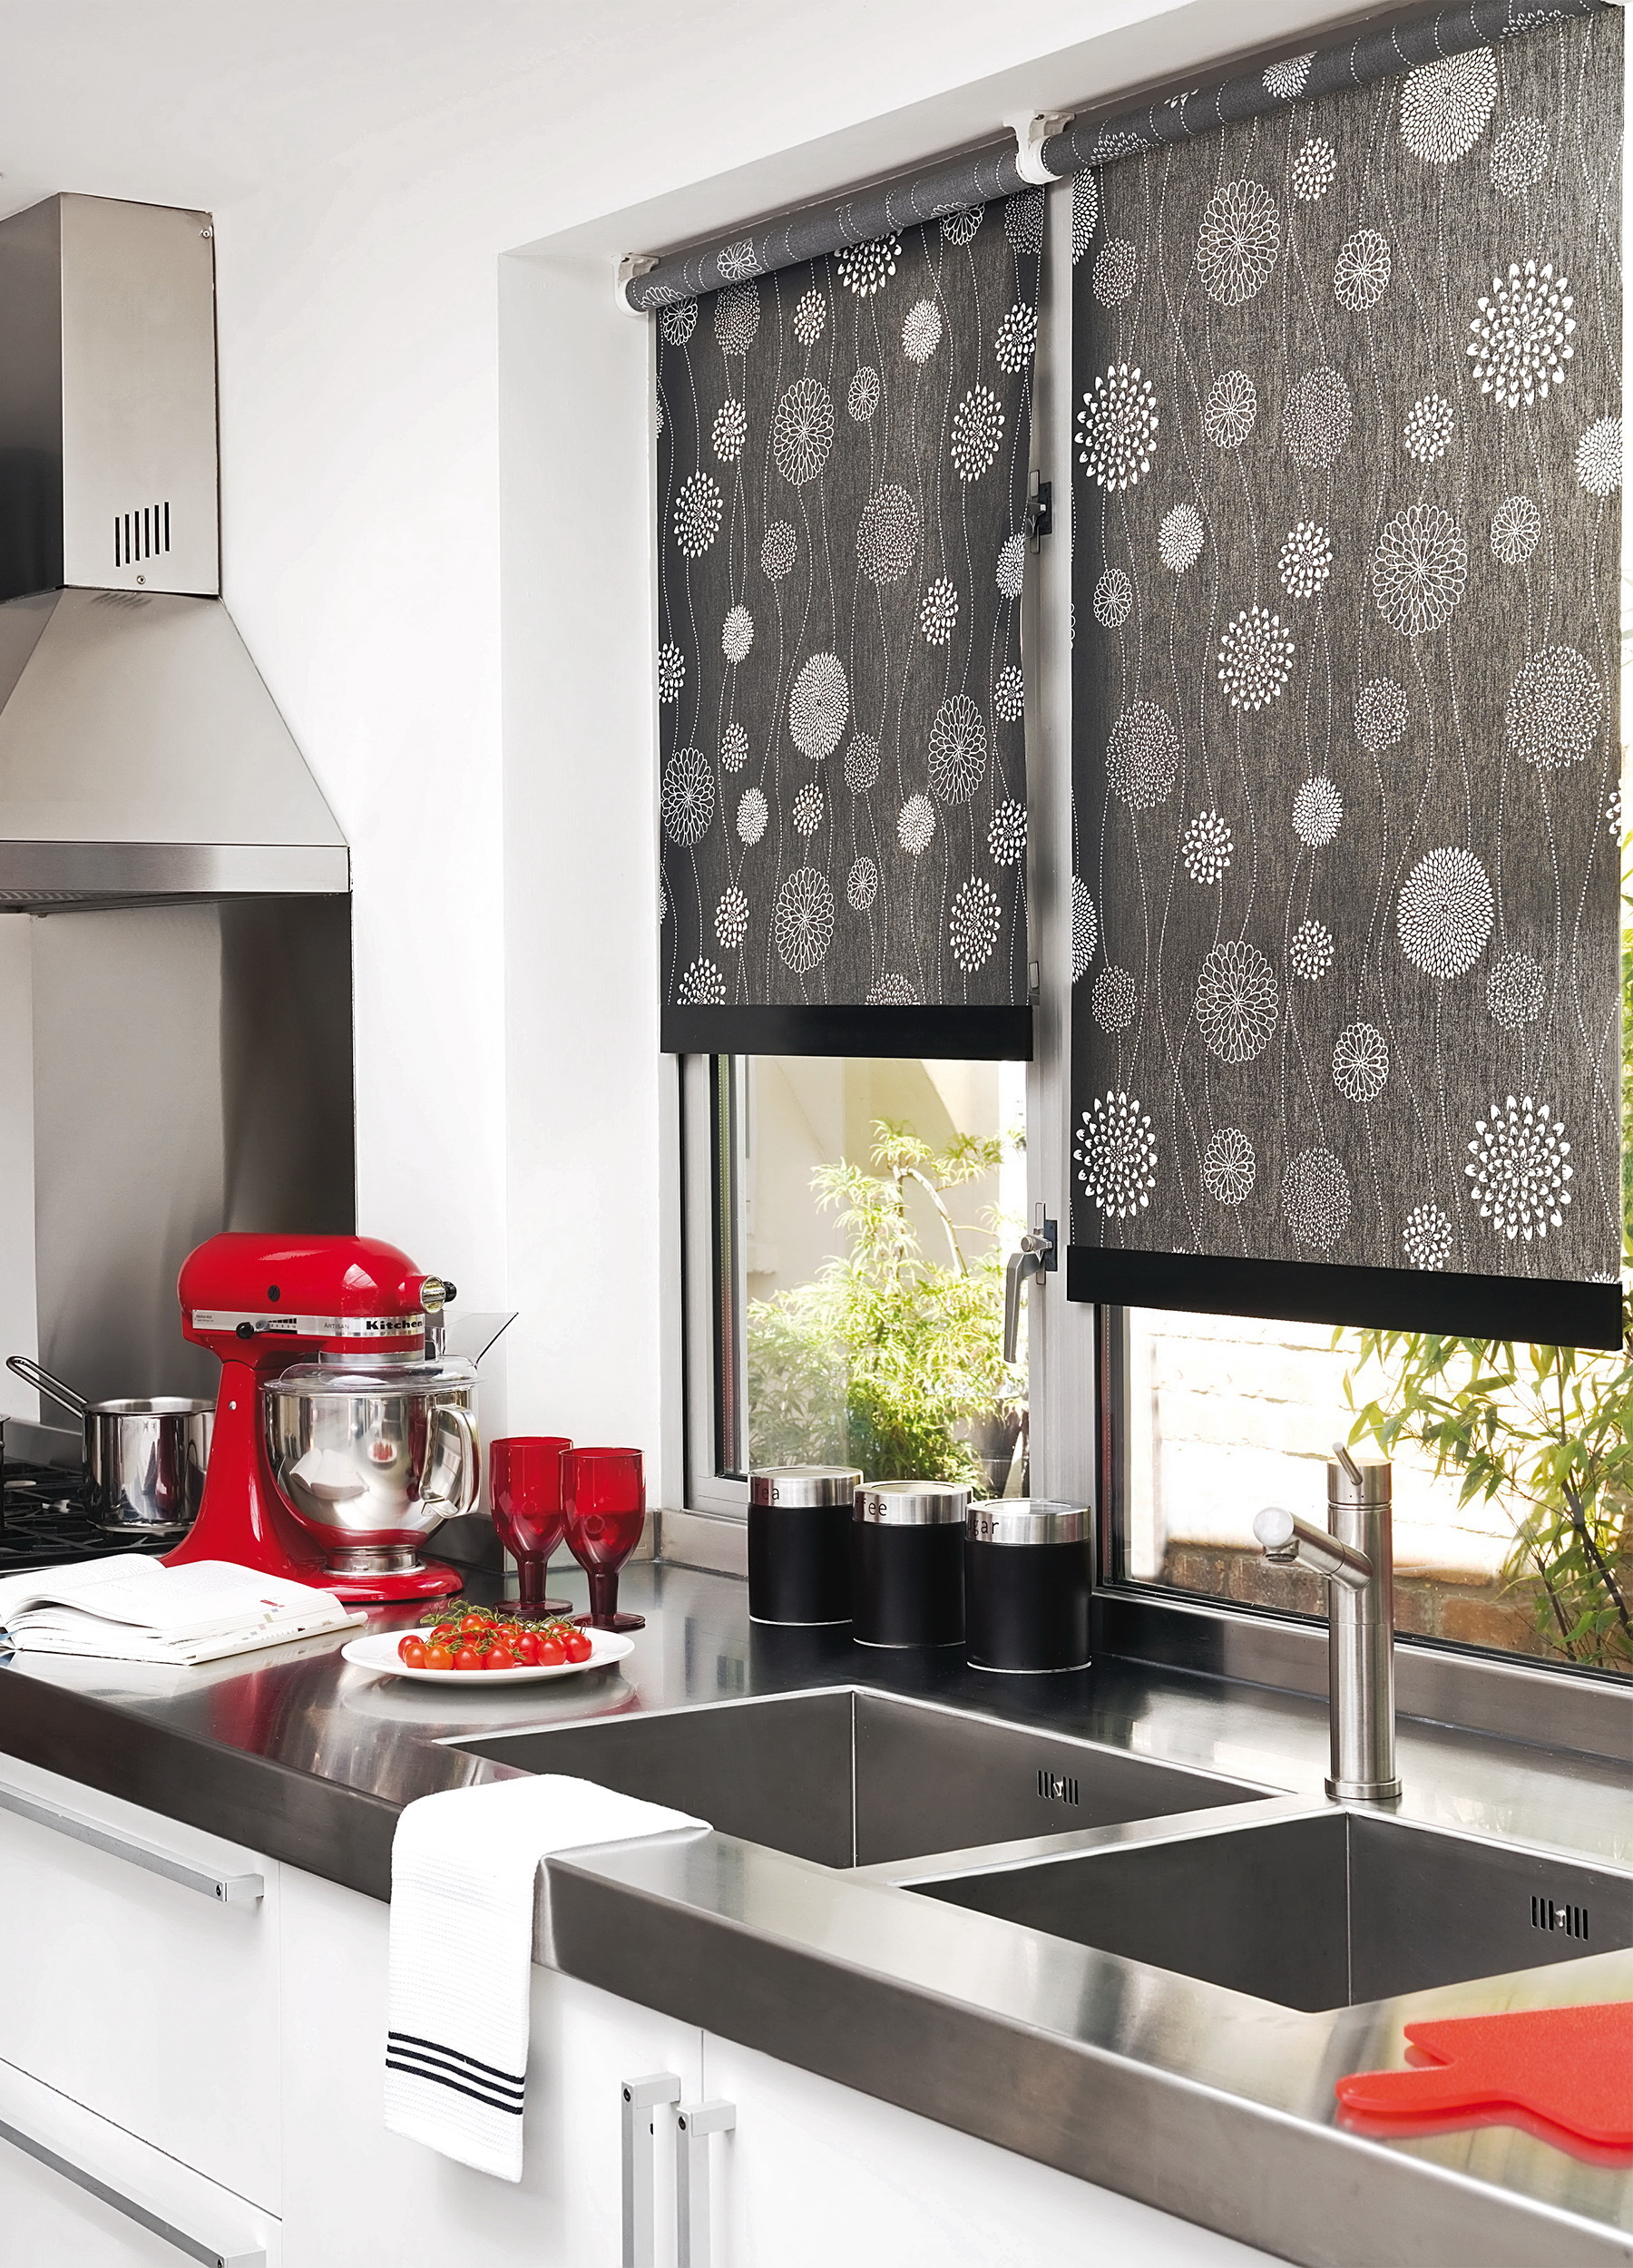 Красные аксессуары в черно-белой кухне